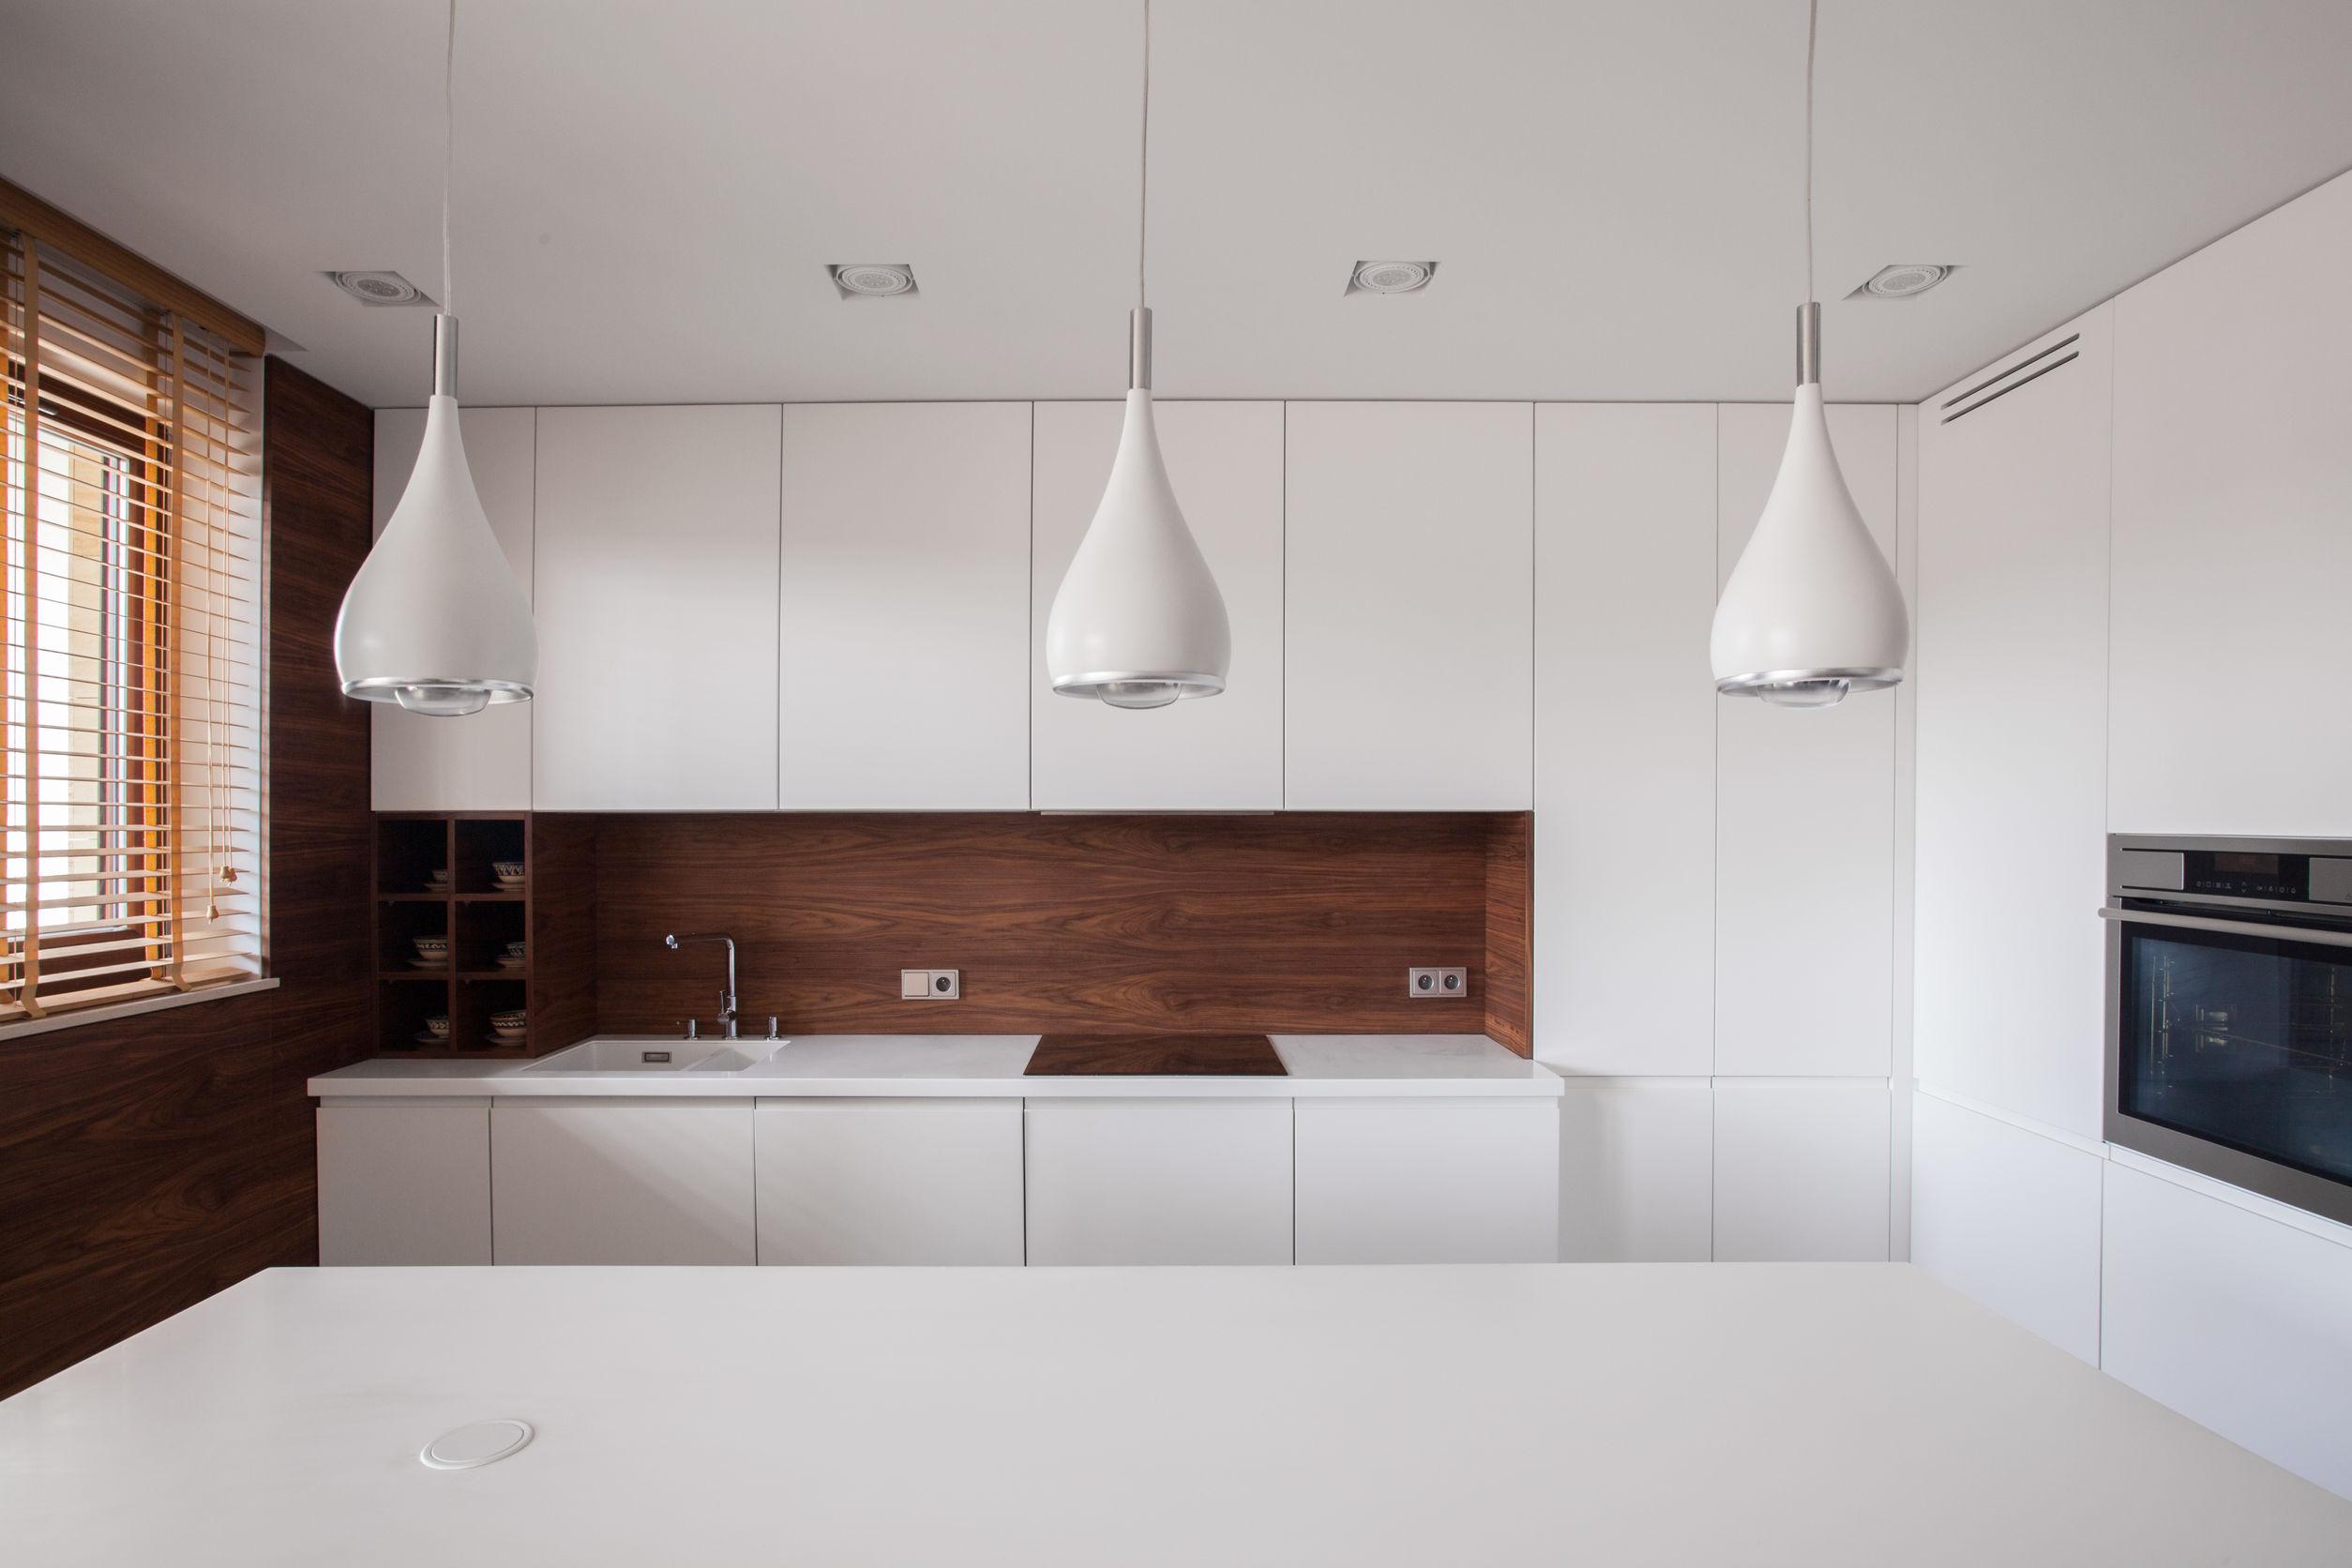 Küchenlampe LED: Test & Empfehlungen (03/21)